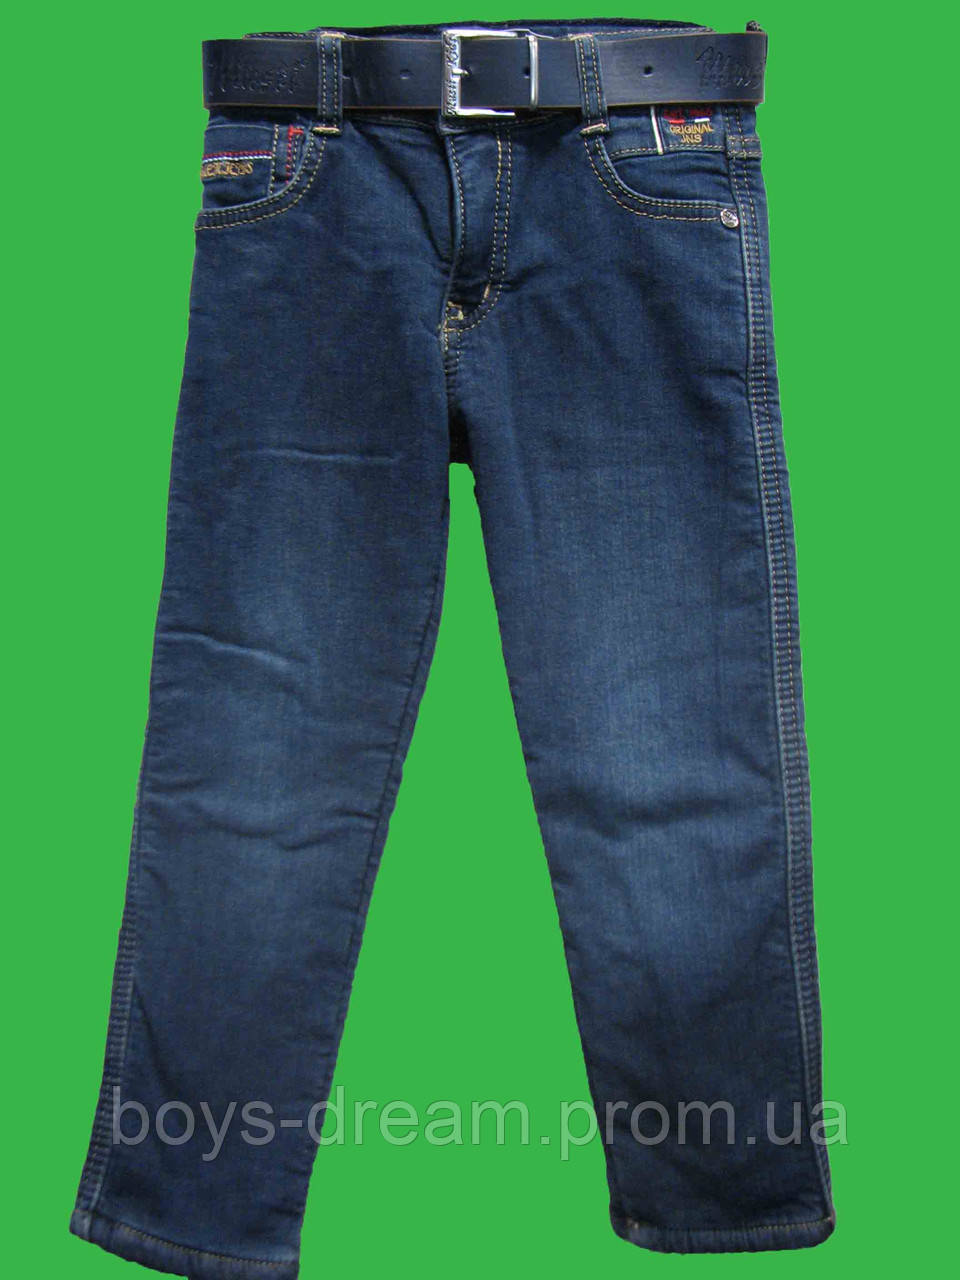 Купить утепленные джинсы